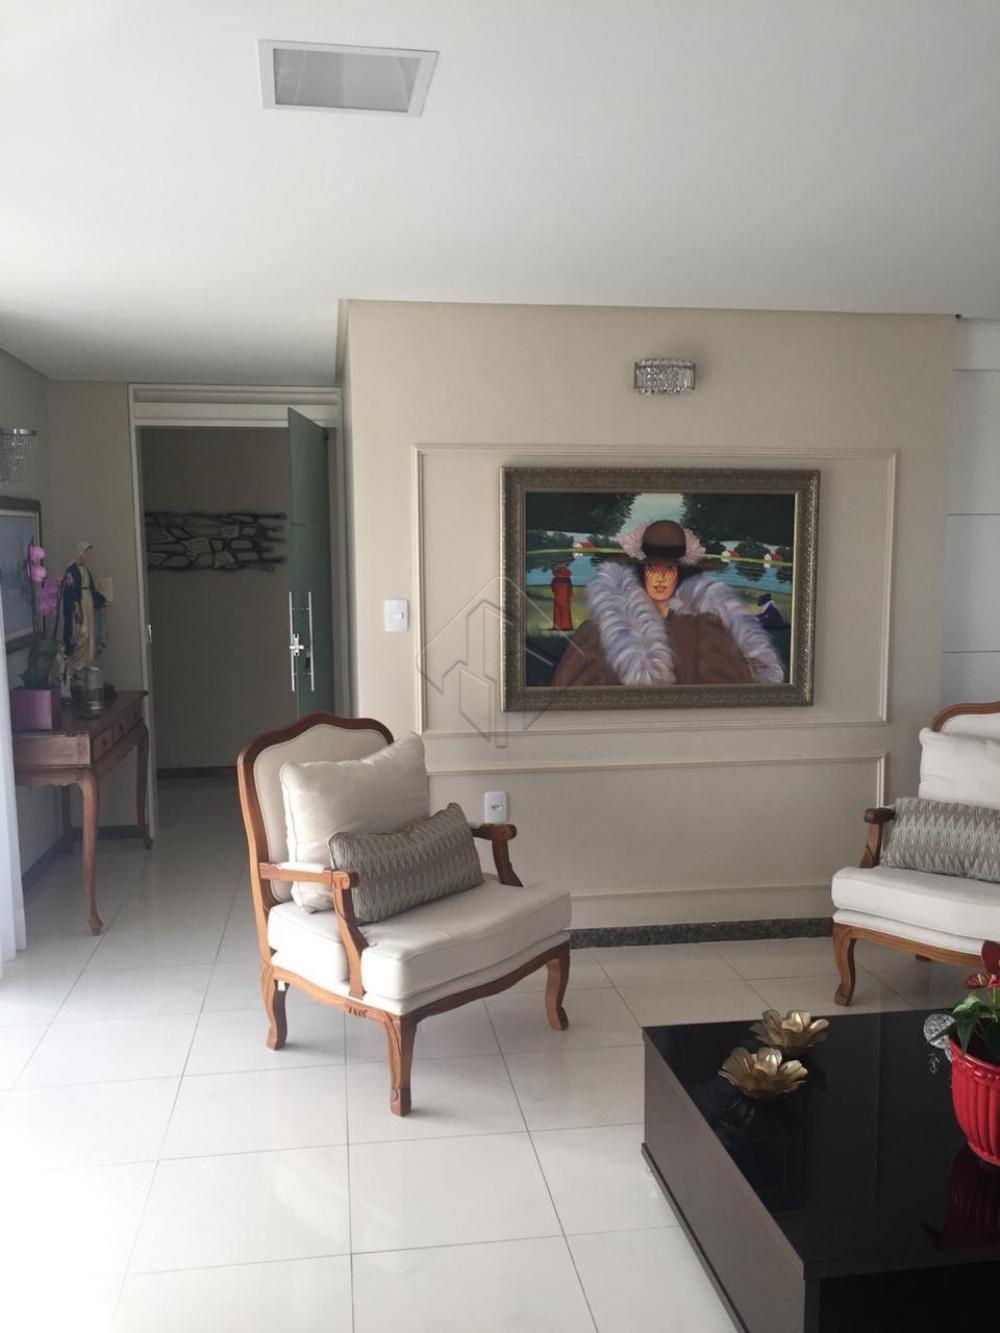 Apartamento situado a aproximadamente 250 metros da praia.  Características do imóvel:  * 03 dormitórios, sendo 03 suítes, * Sala de jantar, * Sala de estar, * 03 Varandas, * Cozinha ampla, * Moveis projetados,  * Dependência completa, * Área de serviço, * 01 apartamento por andar, com 225 m² de área adicionado o hall.   - Prédio com 2 elevadores (um social e um panorâmico) e área de lazer completa.   AGENDE AGORA SUA VISITA TEIXEIRA DE CARVALHO IMOBILIÁRIA CRECI 304J - (83) 2106-4545